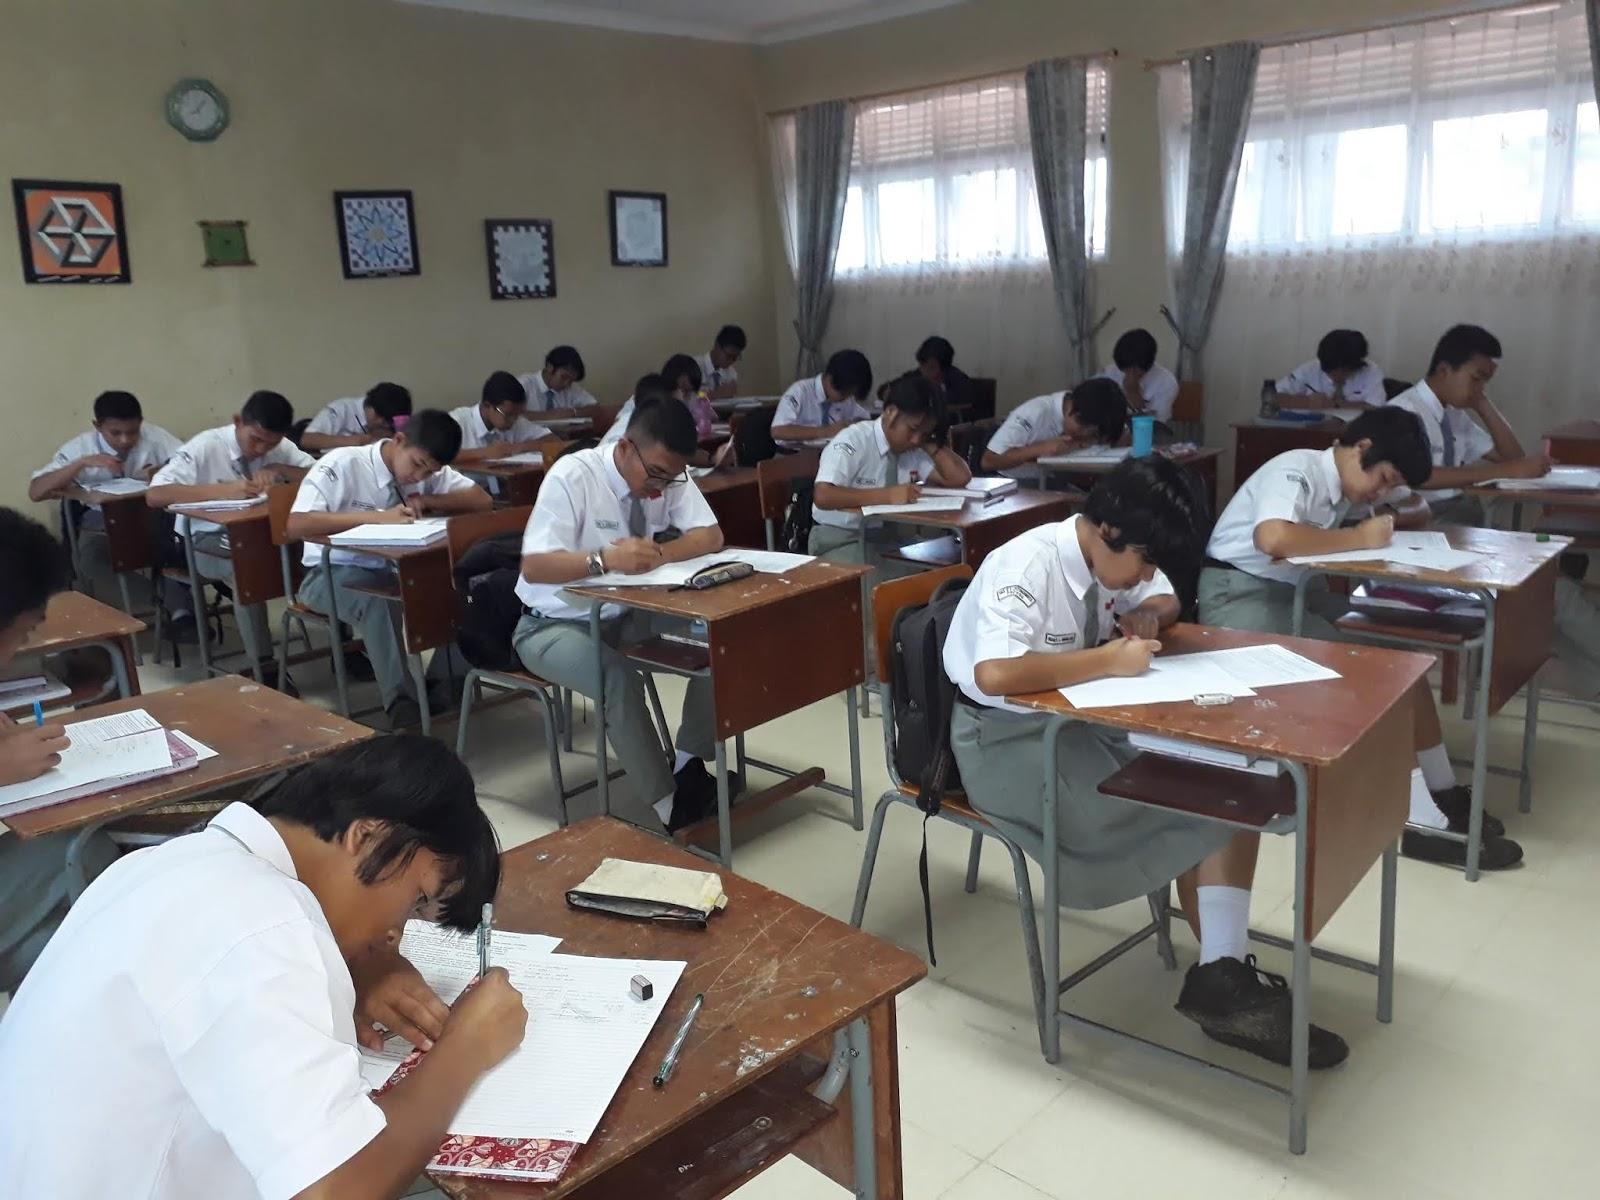 Belajar Membuat Penelitian Tindakan Kelas  Belajar Membuat Penelitian Tindakan Kelas (PTK): Hasil Penelitian dan Penarikan Kesimpulan PTK